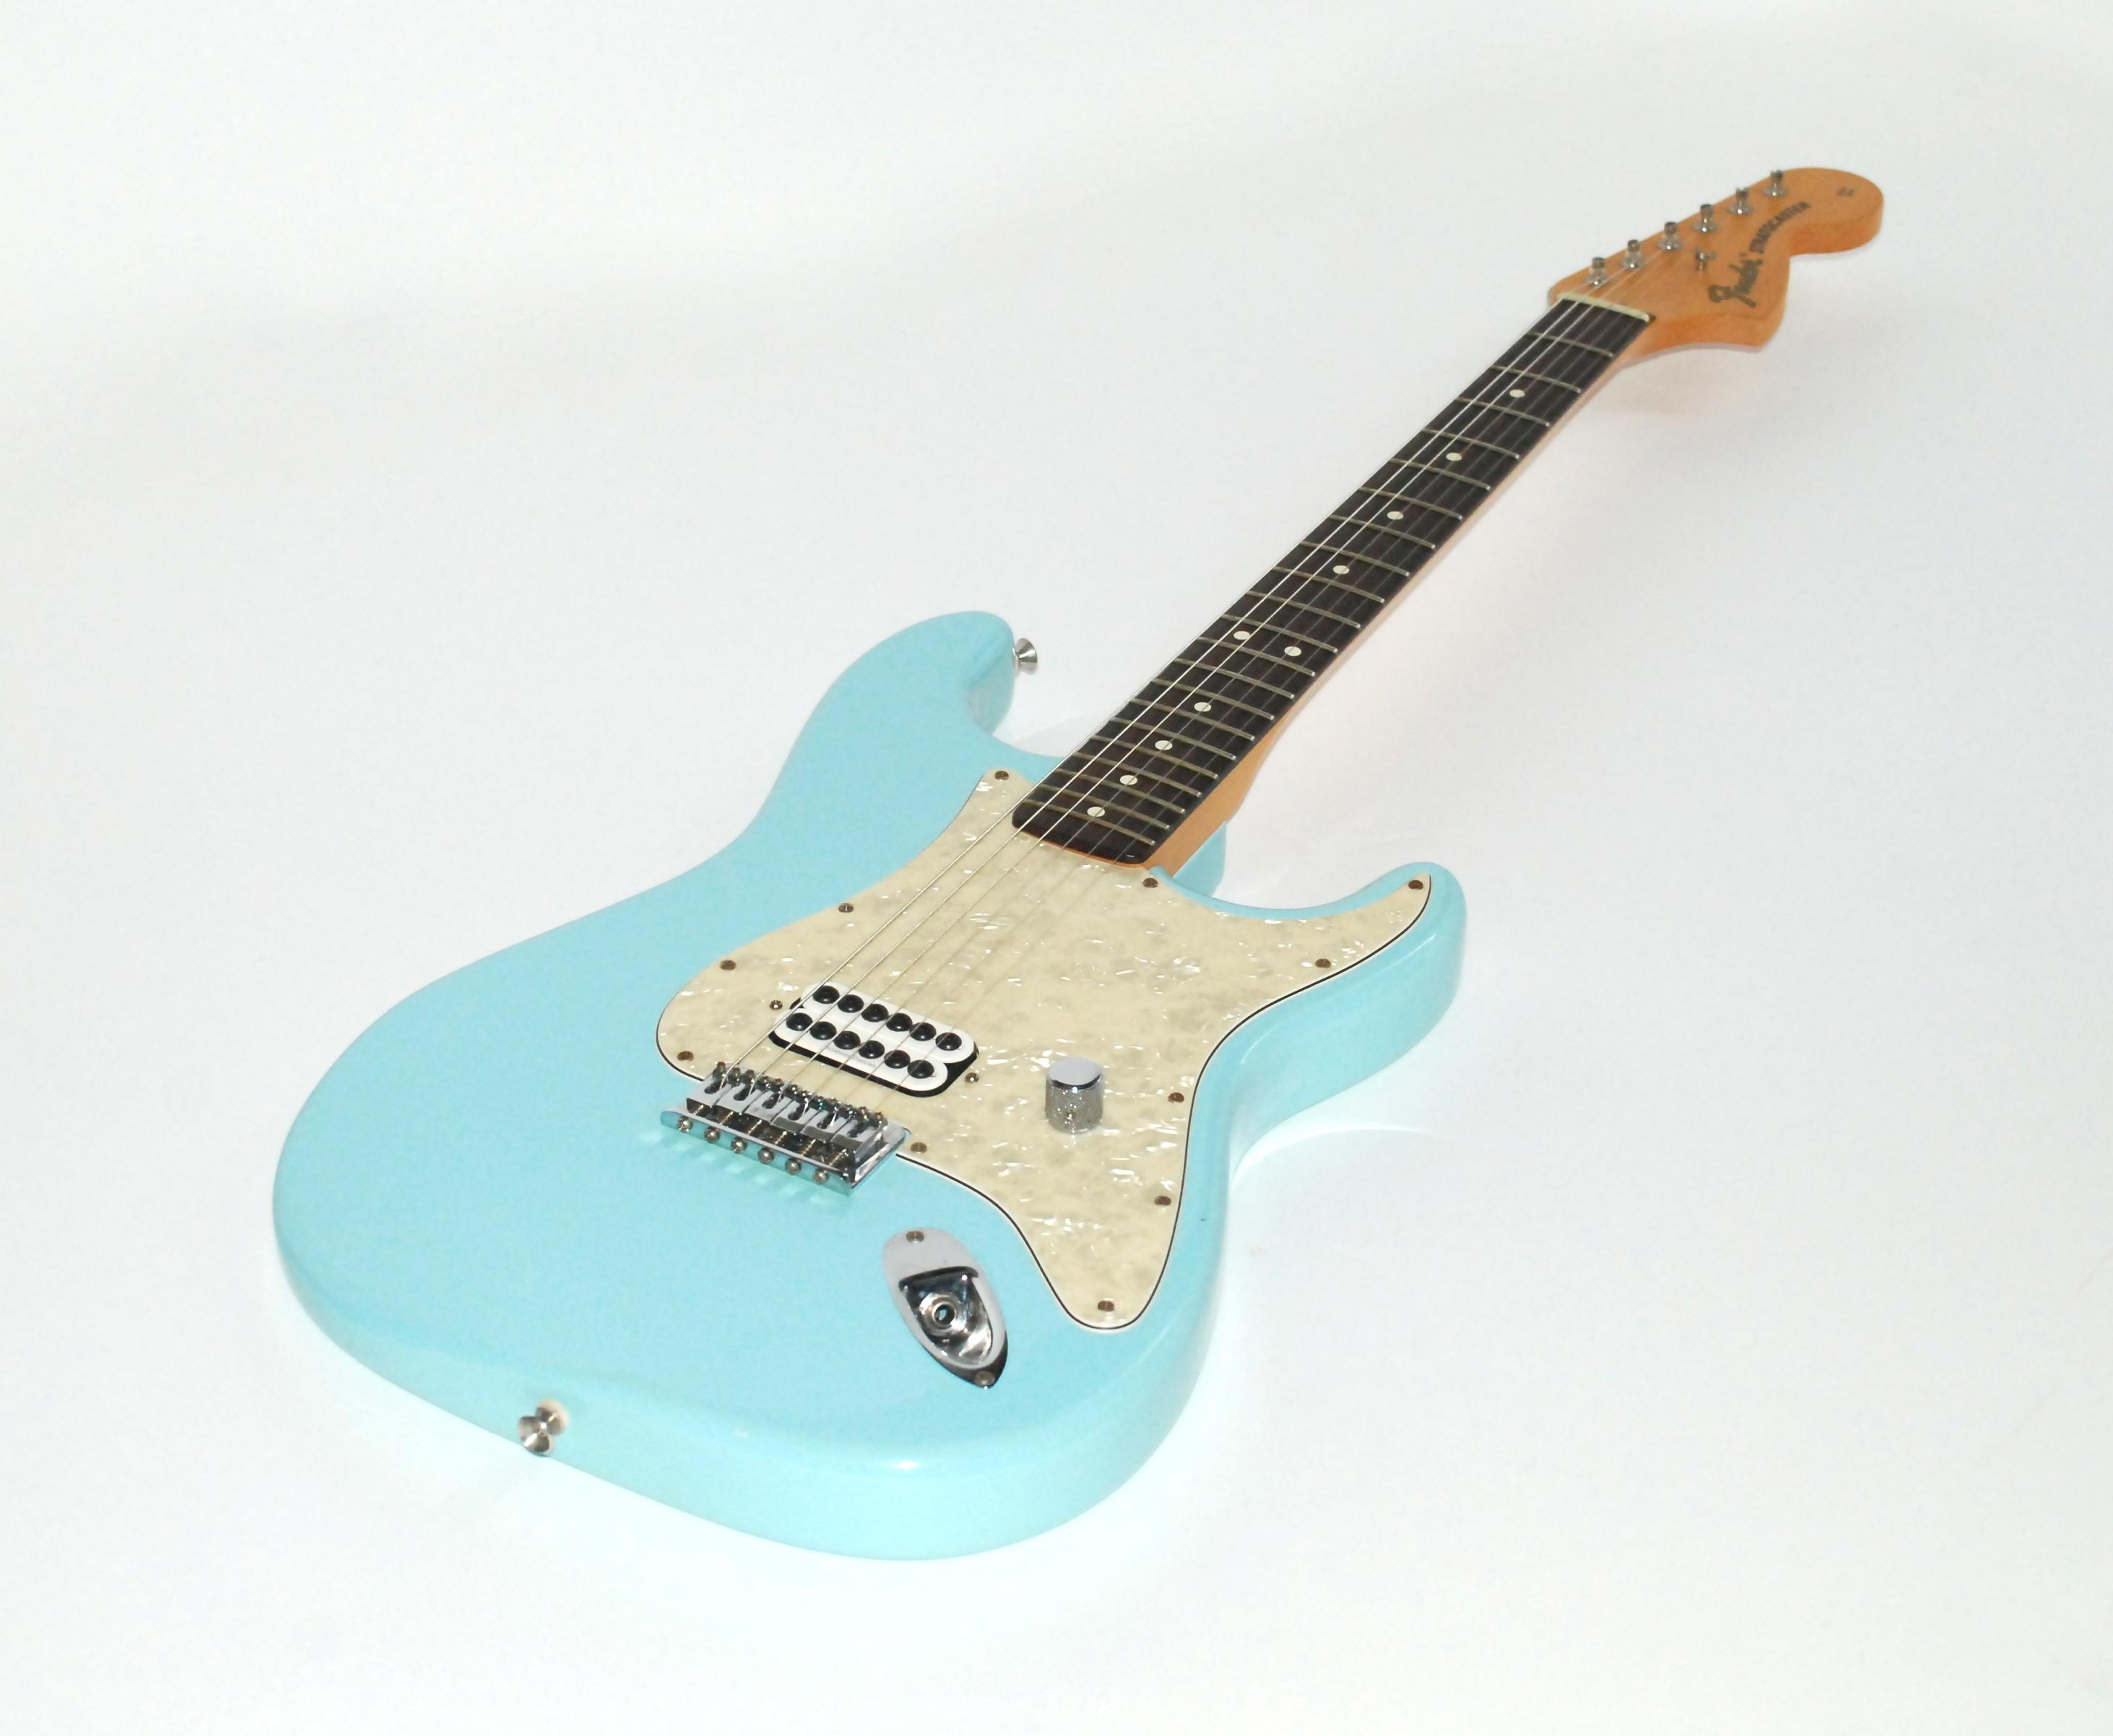 fender stratocaster tom delonge signature 2002 daphne blue. Black Bedroom Furniture Sets. Home Design Ideas